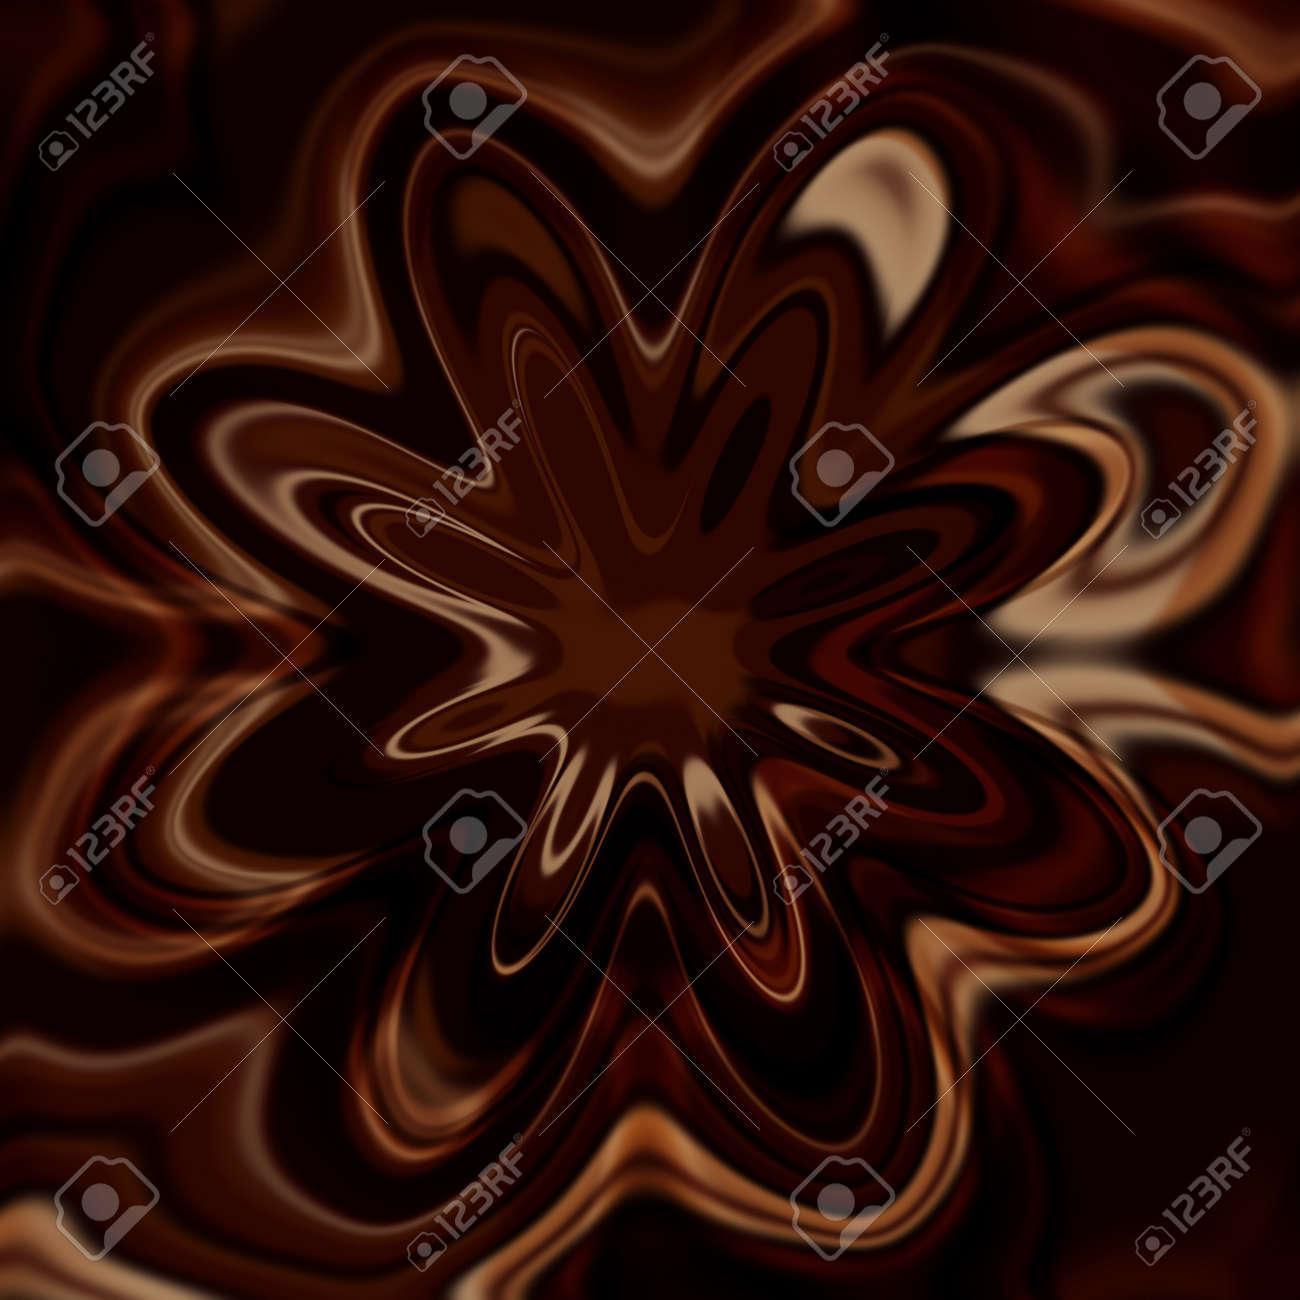 Image of: Creepy Art Dark Chocolate Swirl Background Stock Photo 21170149 123rfcom Art Dark Chocolate Swirl Background Stock Photo Picture And Royalty